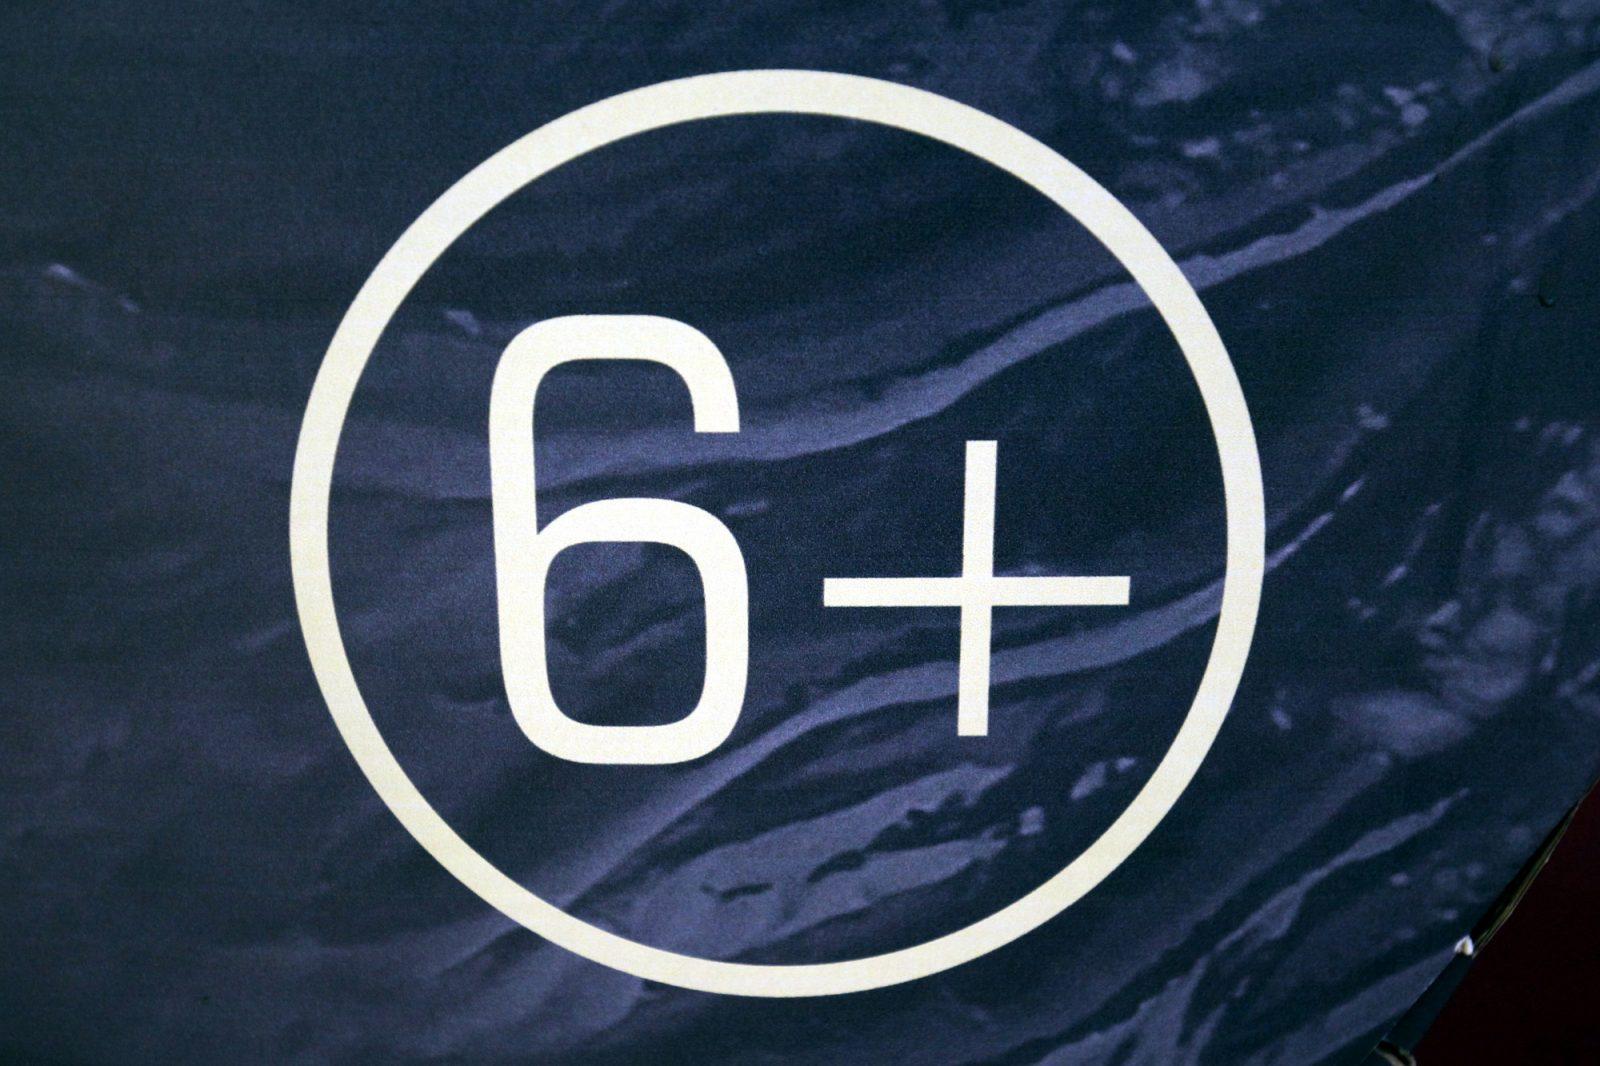 Возрастные маркировки: где грань между «0+» и «3+»